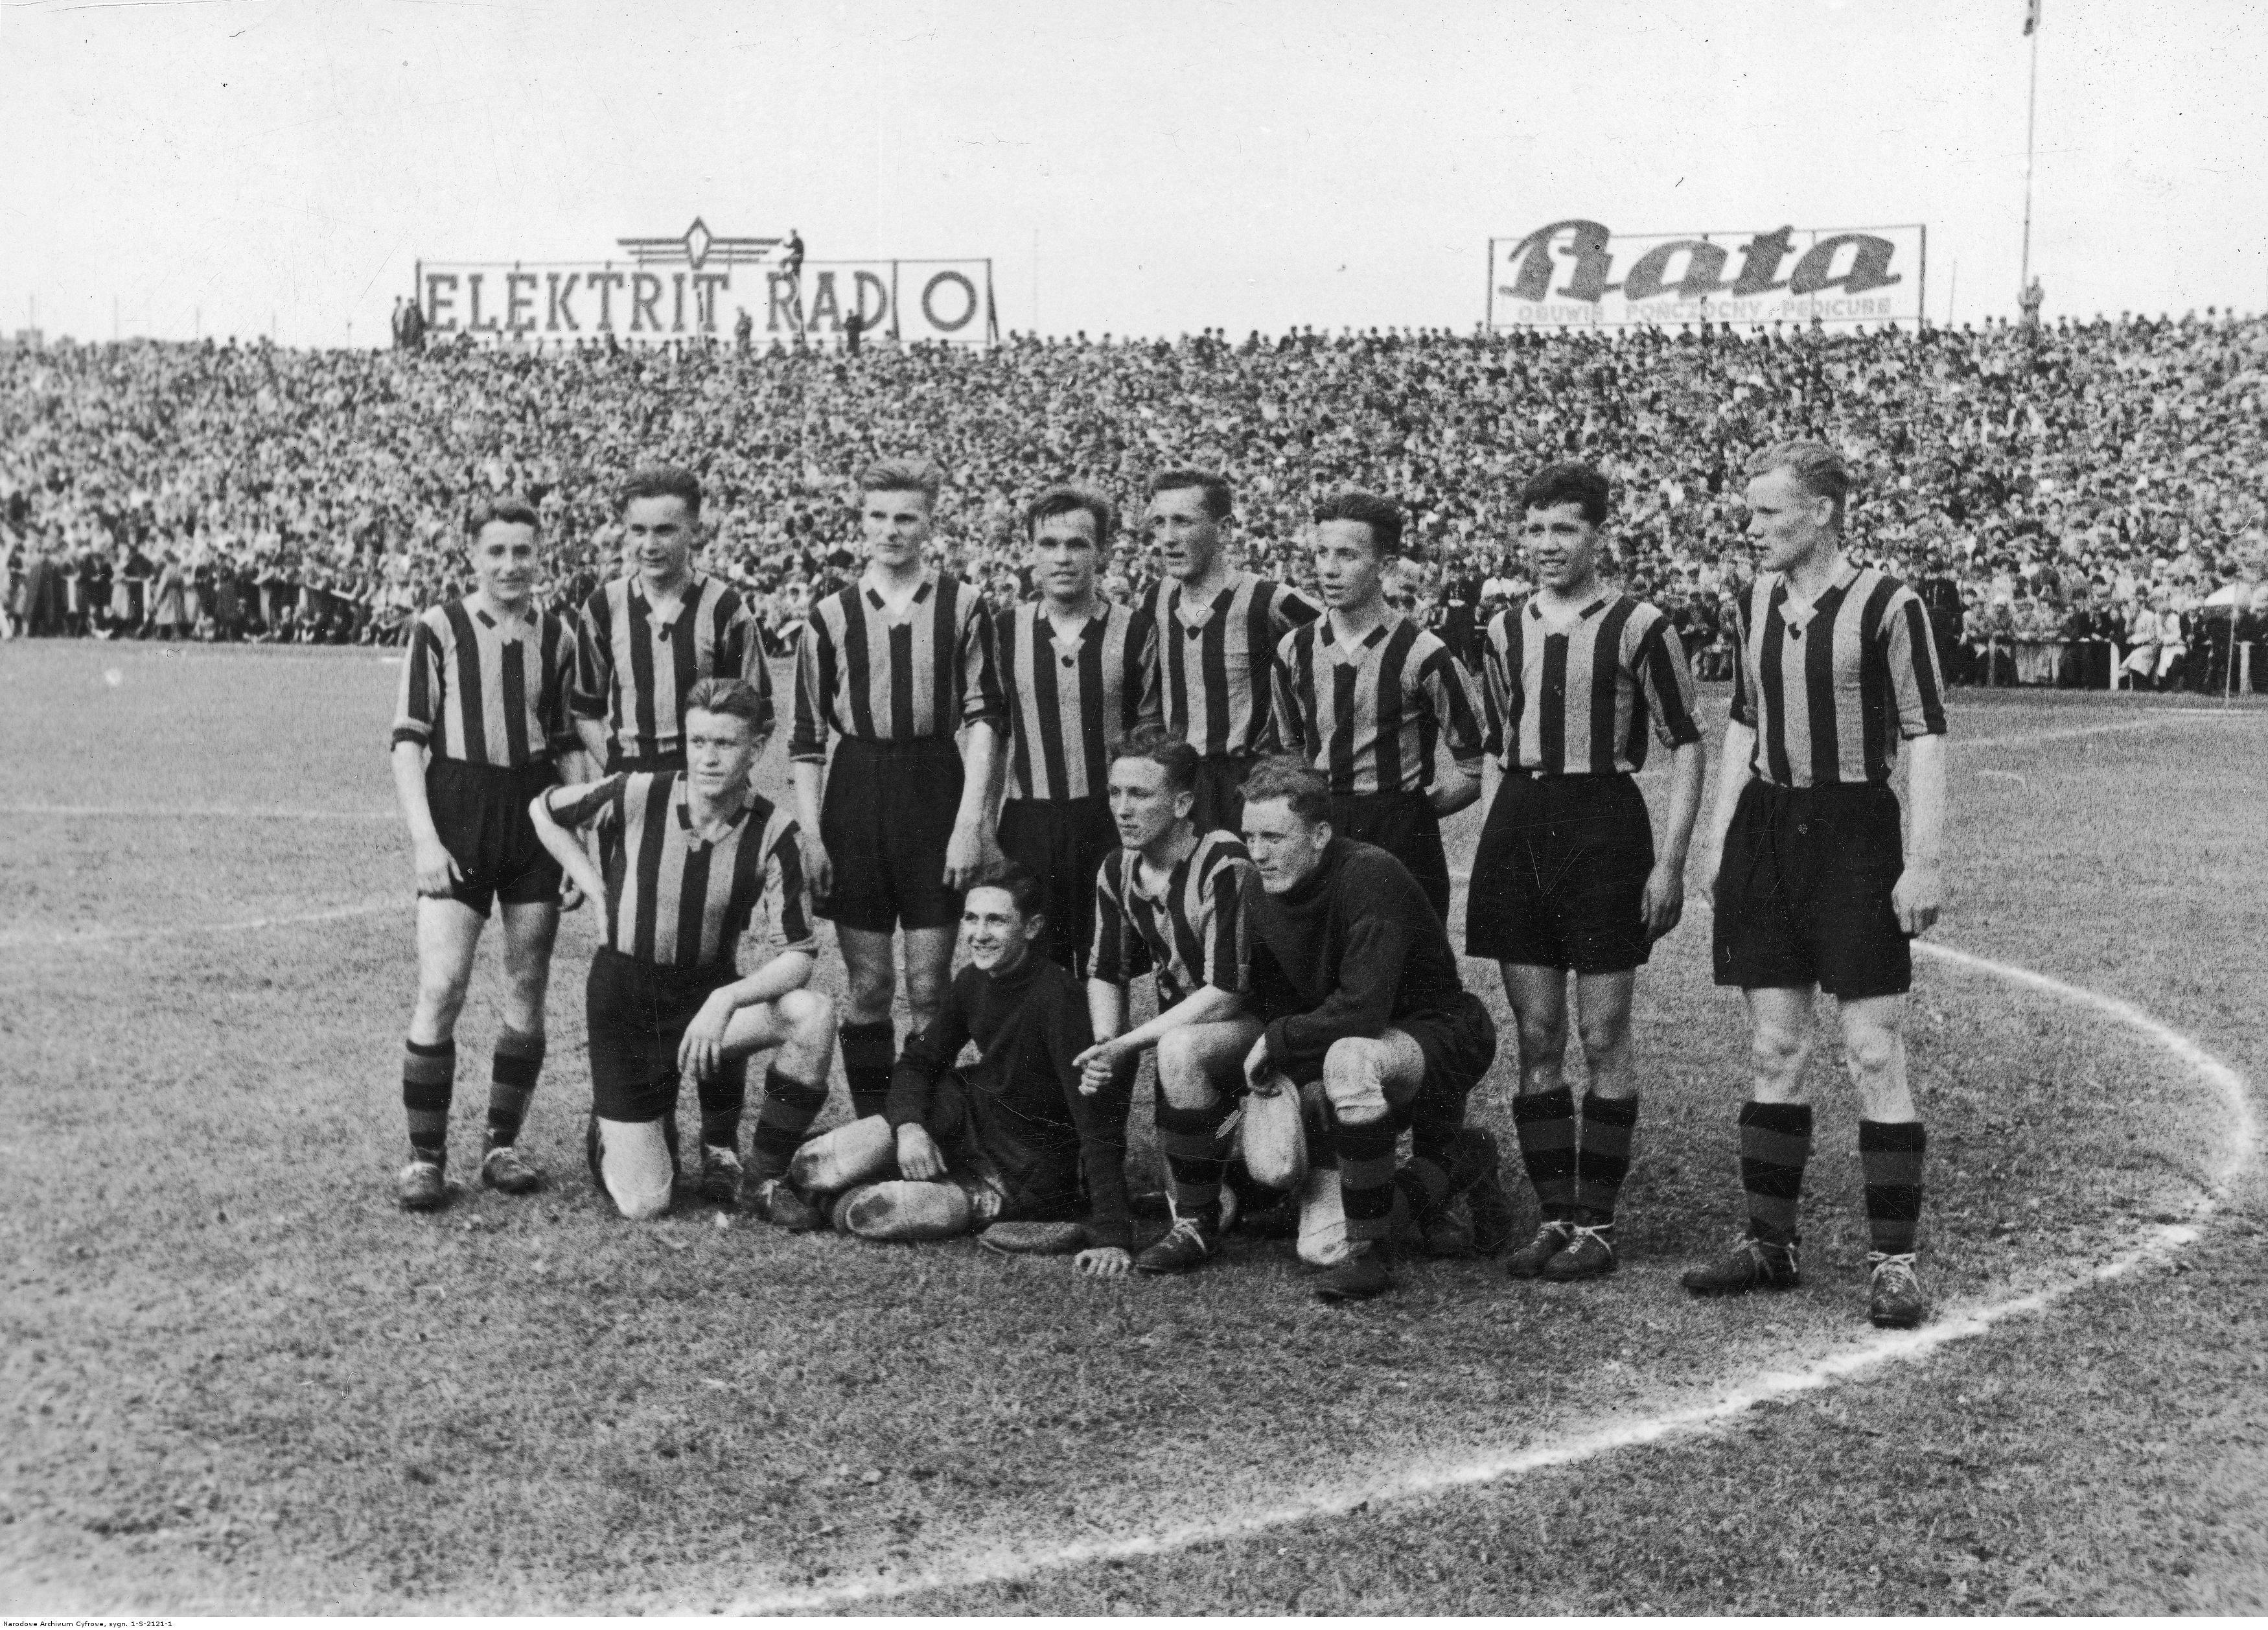 Unii Lublin zdobywcą Mistrzostwa Polski Juniorów za rok 1938